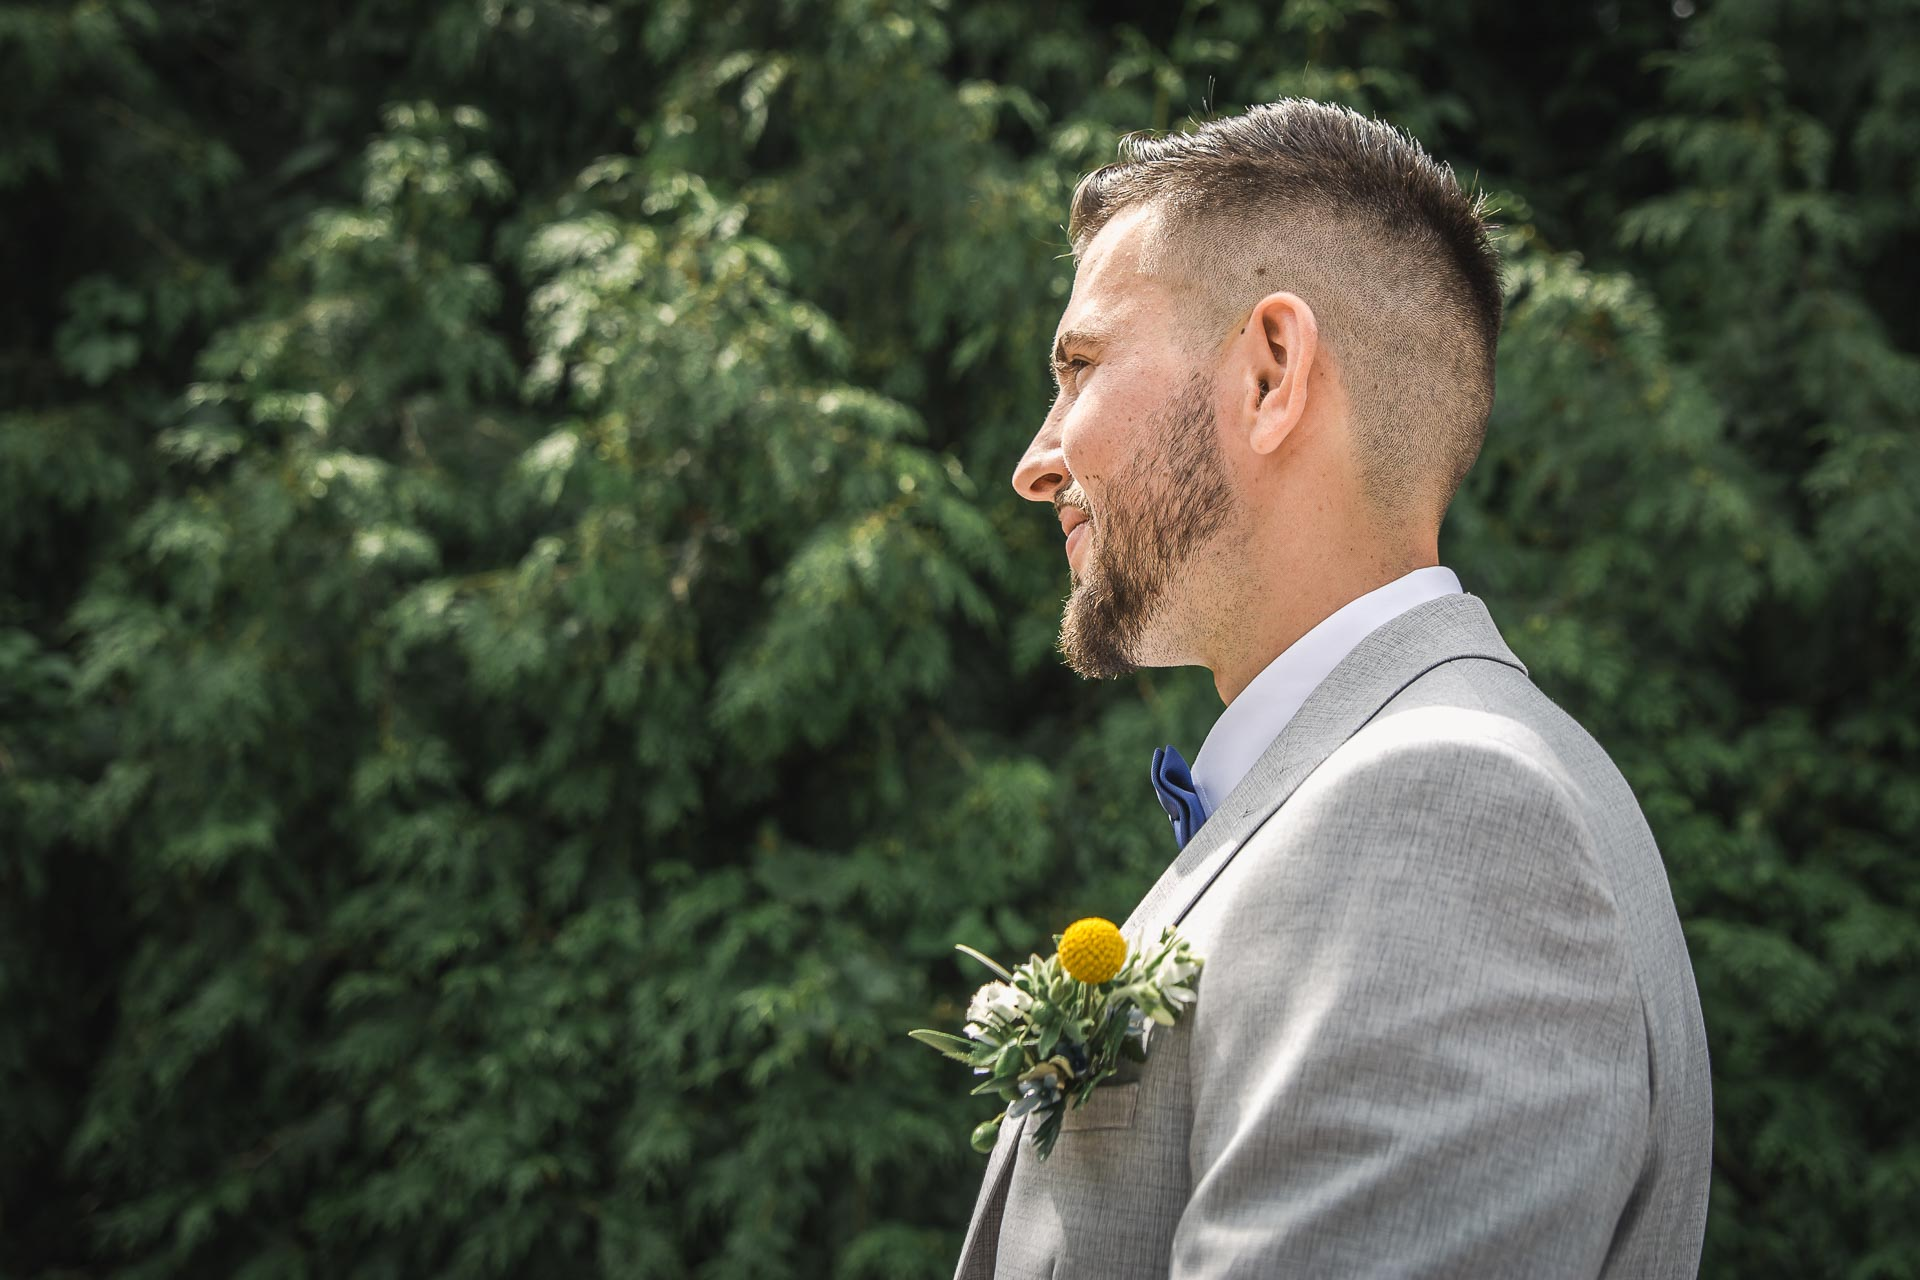 svatební-fotograf-zámek-Loučeň-svatební-video-zámek-Loučeň-3608